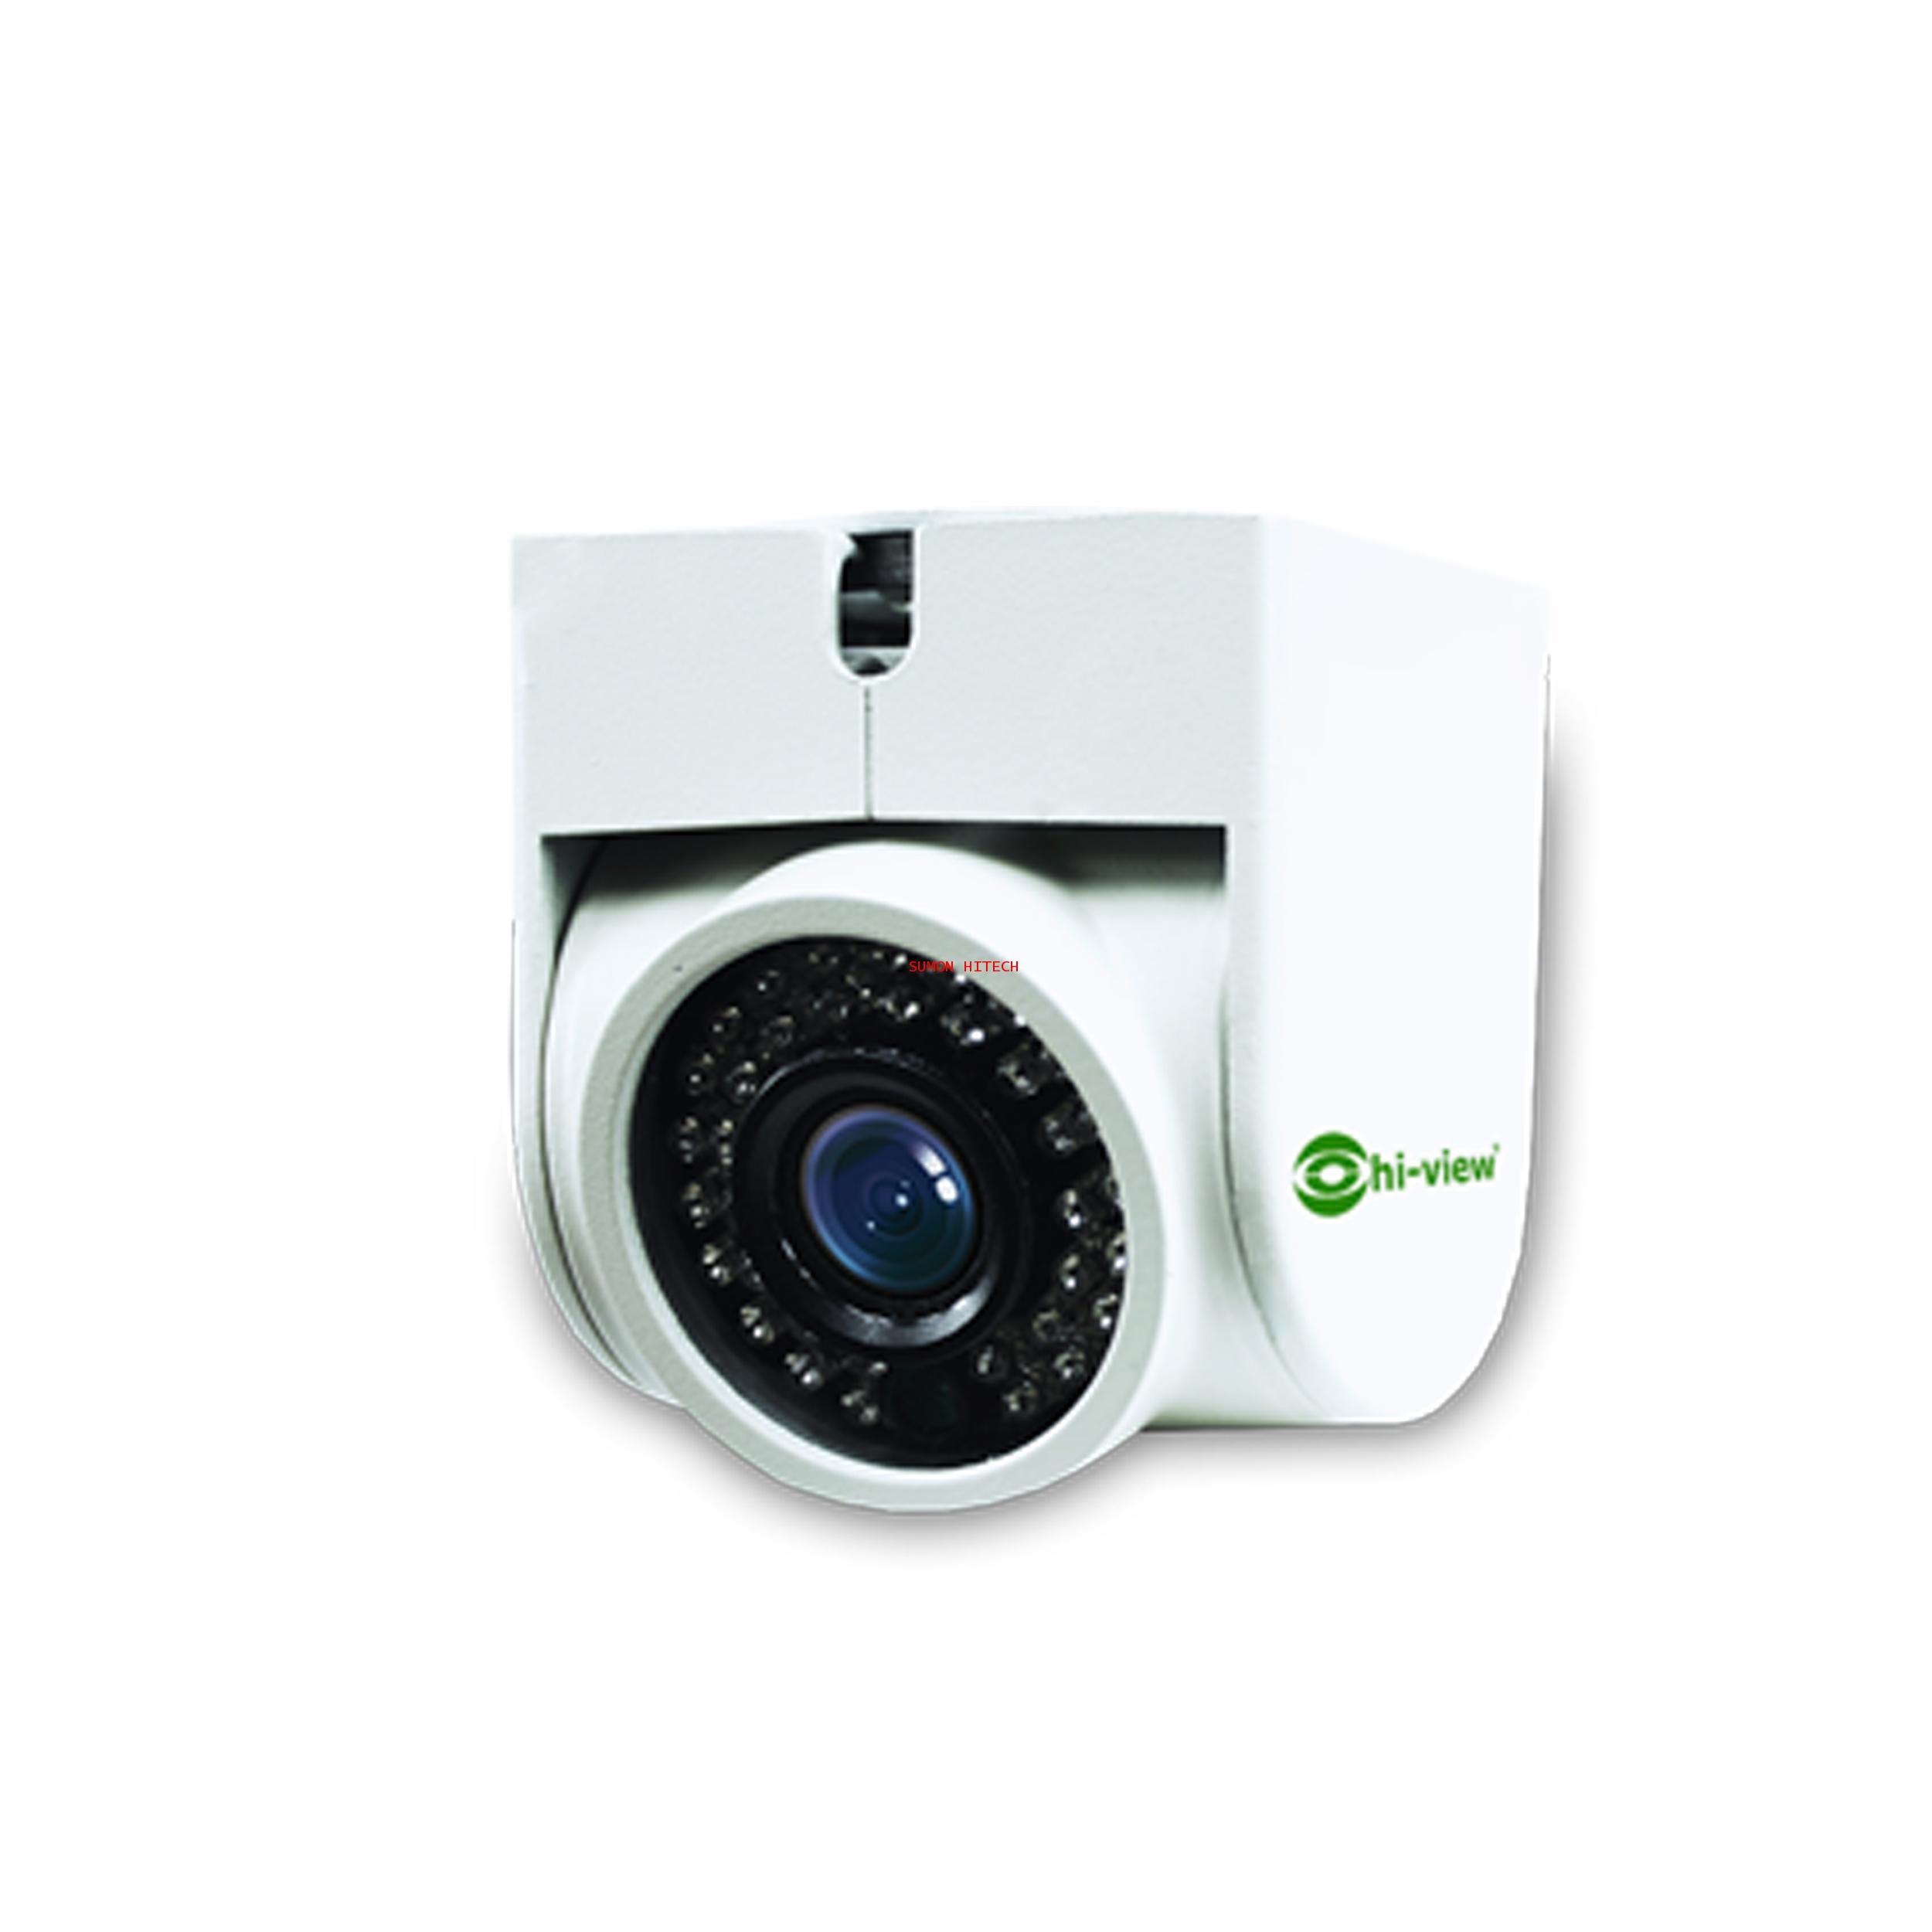 กล้องวงจรปิด Hi-view HA-35D10